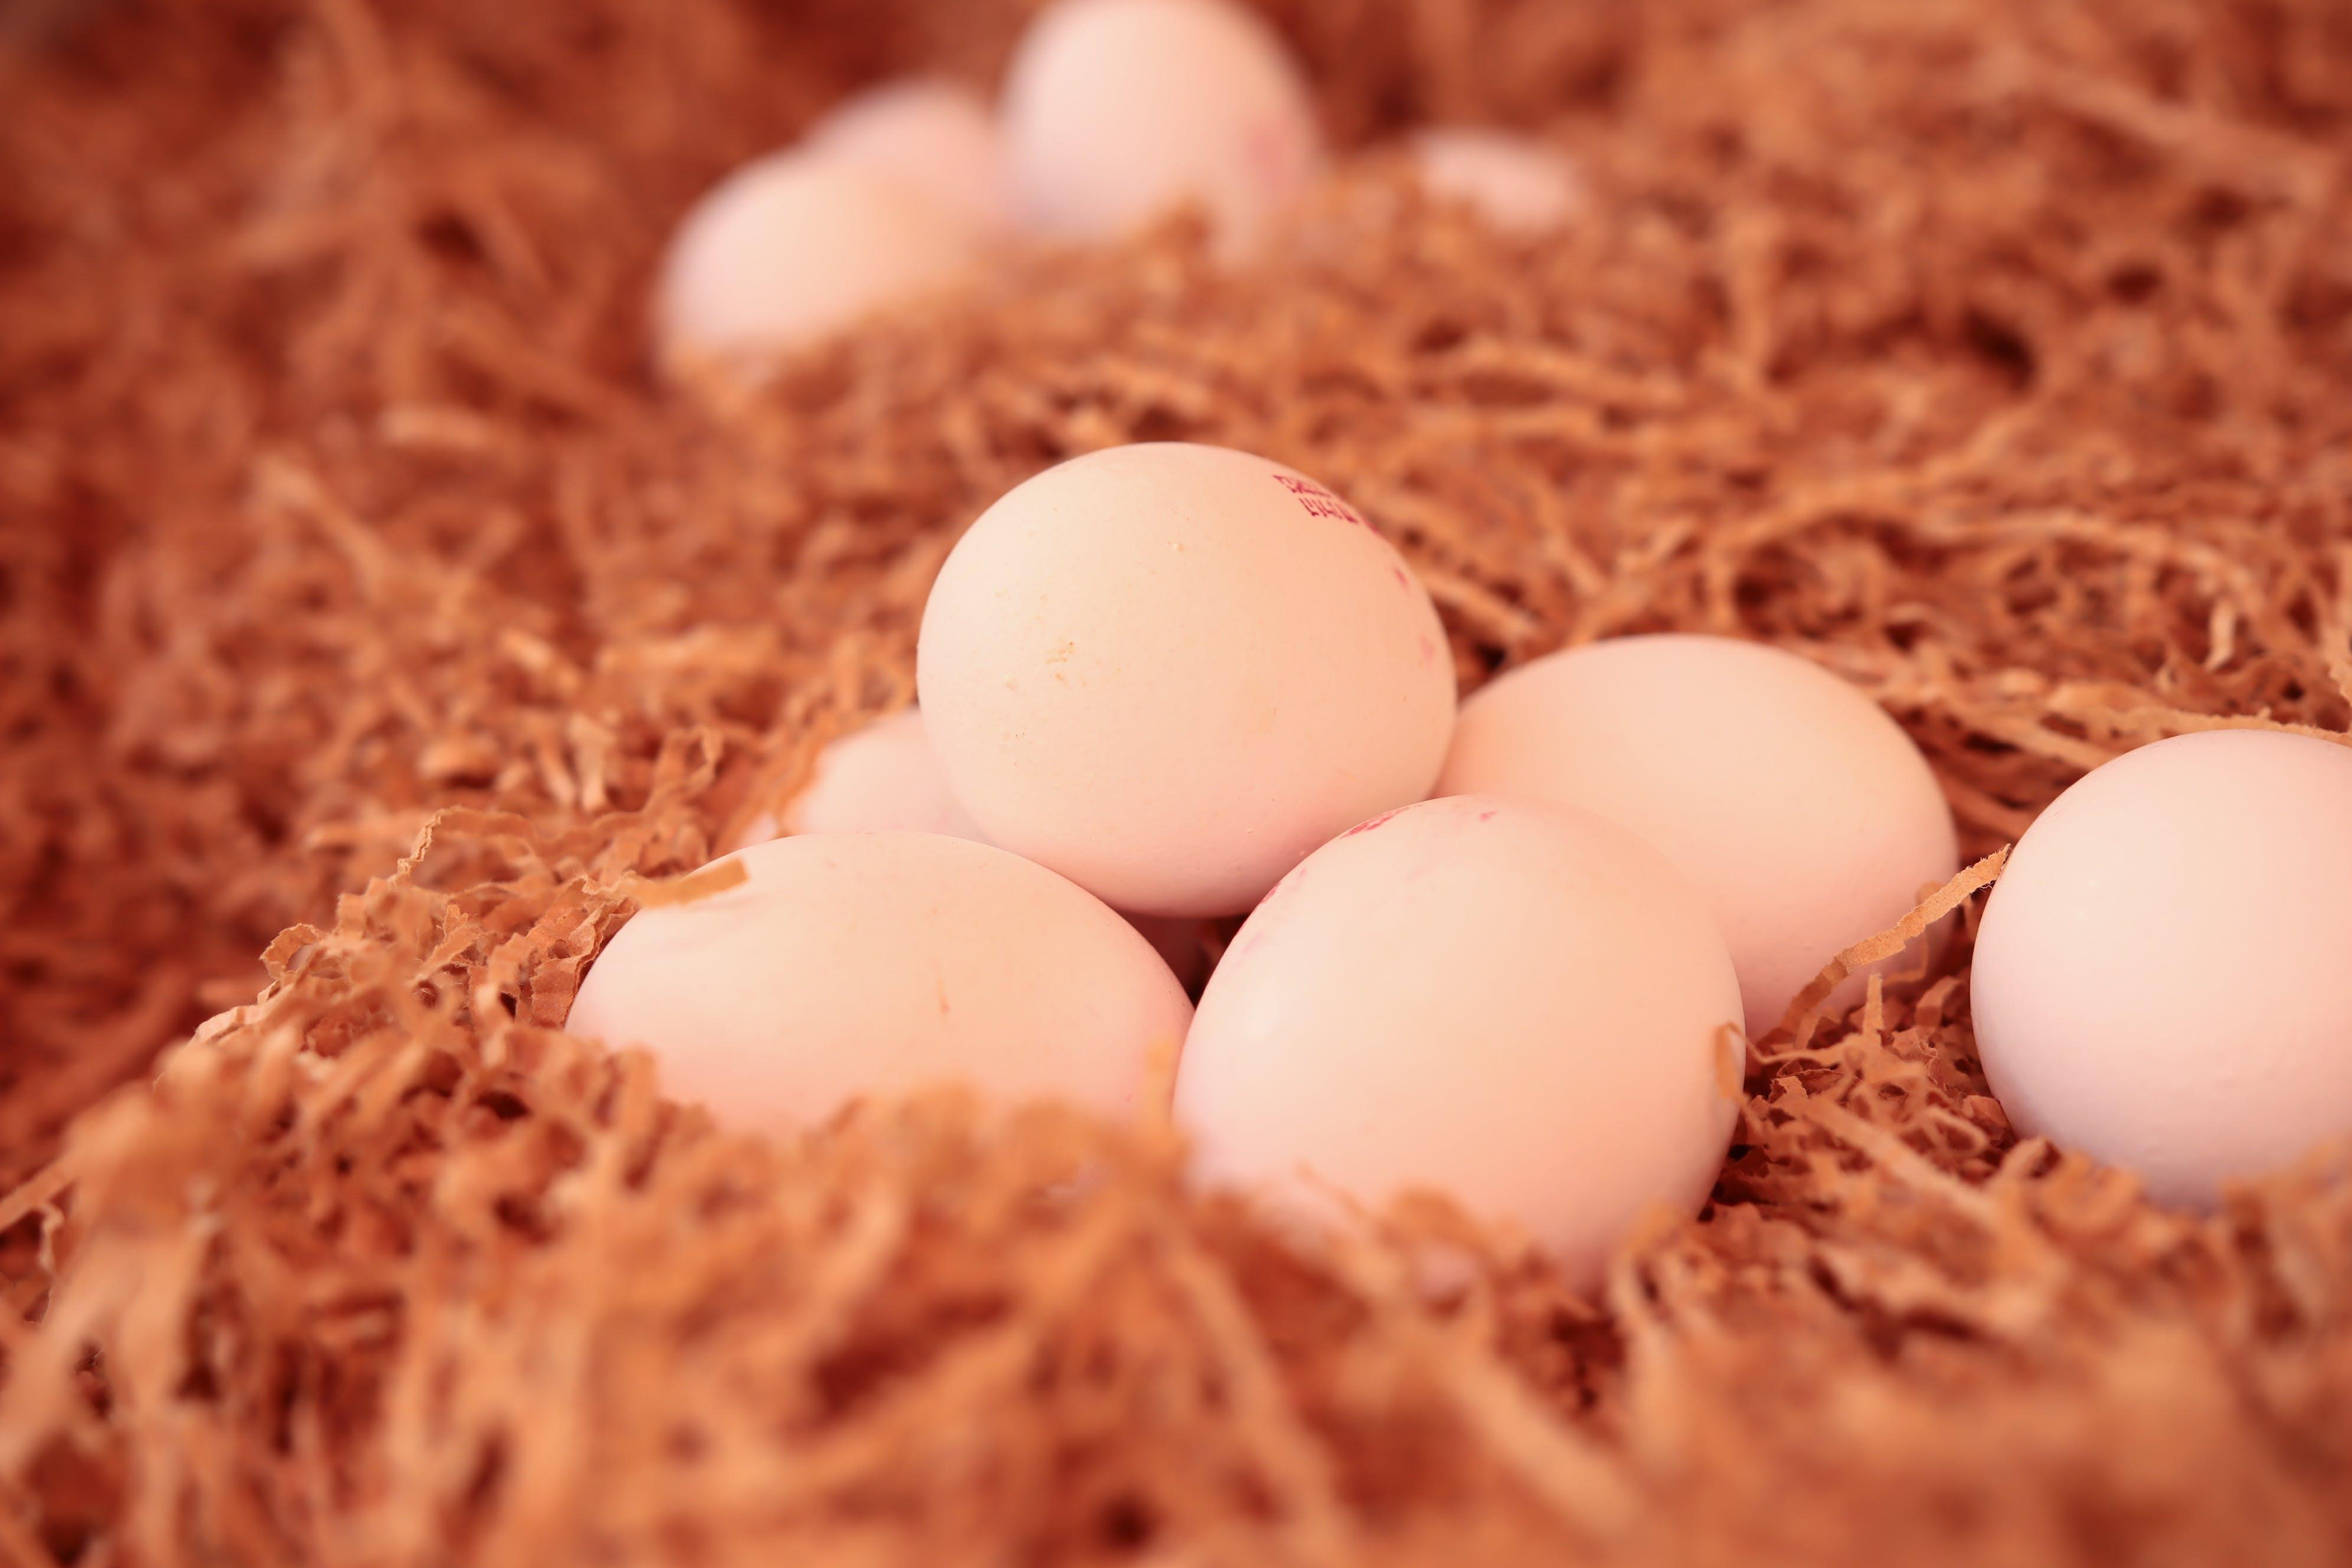 Free stock photo of eggs